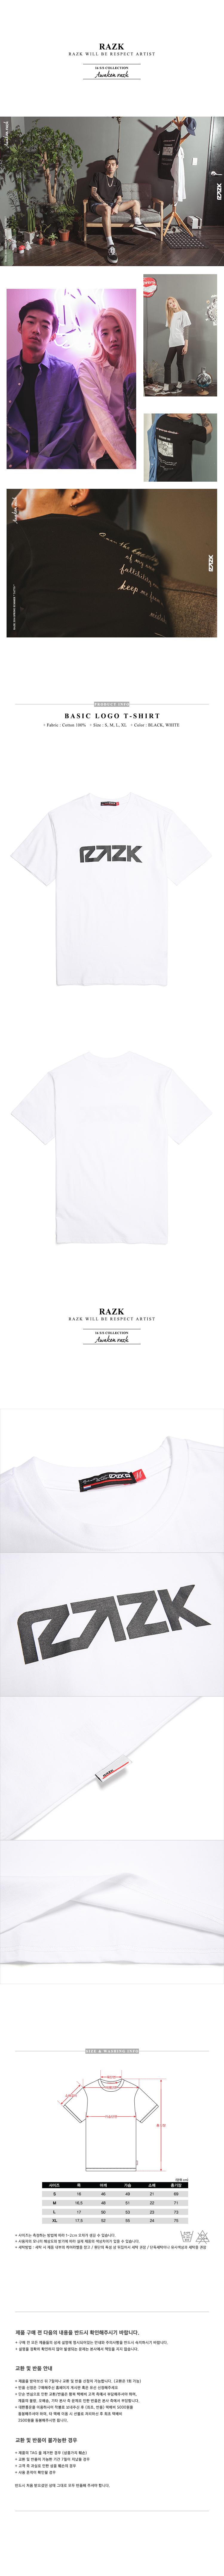 [라지크] RAZK - BASIC LOGO T-SHIRT (WHITE) 반팔 반팔티 티셔츠